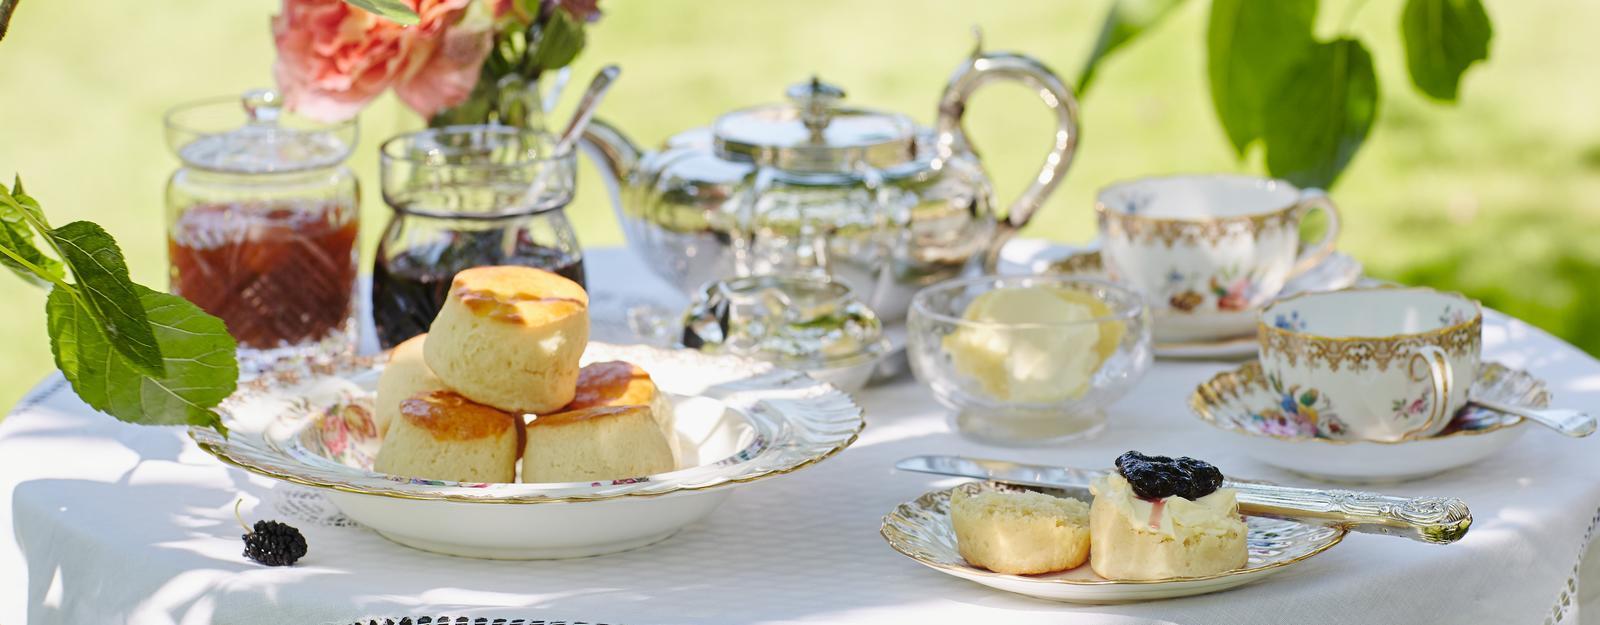 'Royal Teas' scones